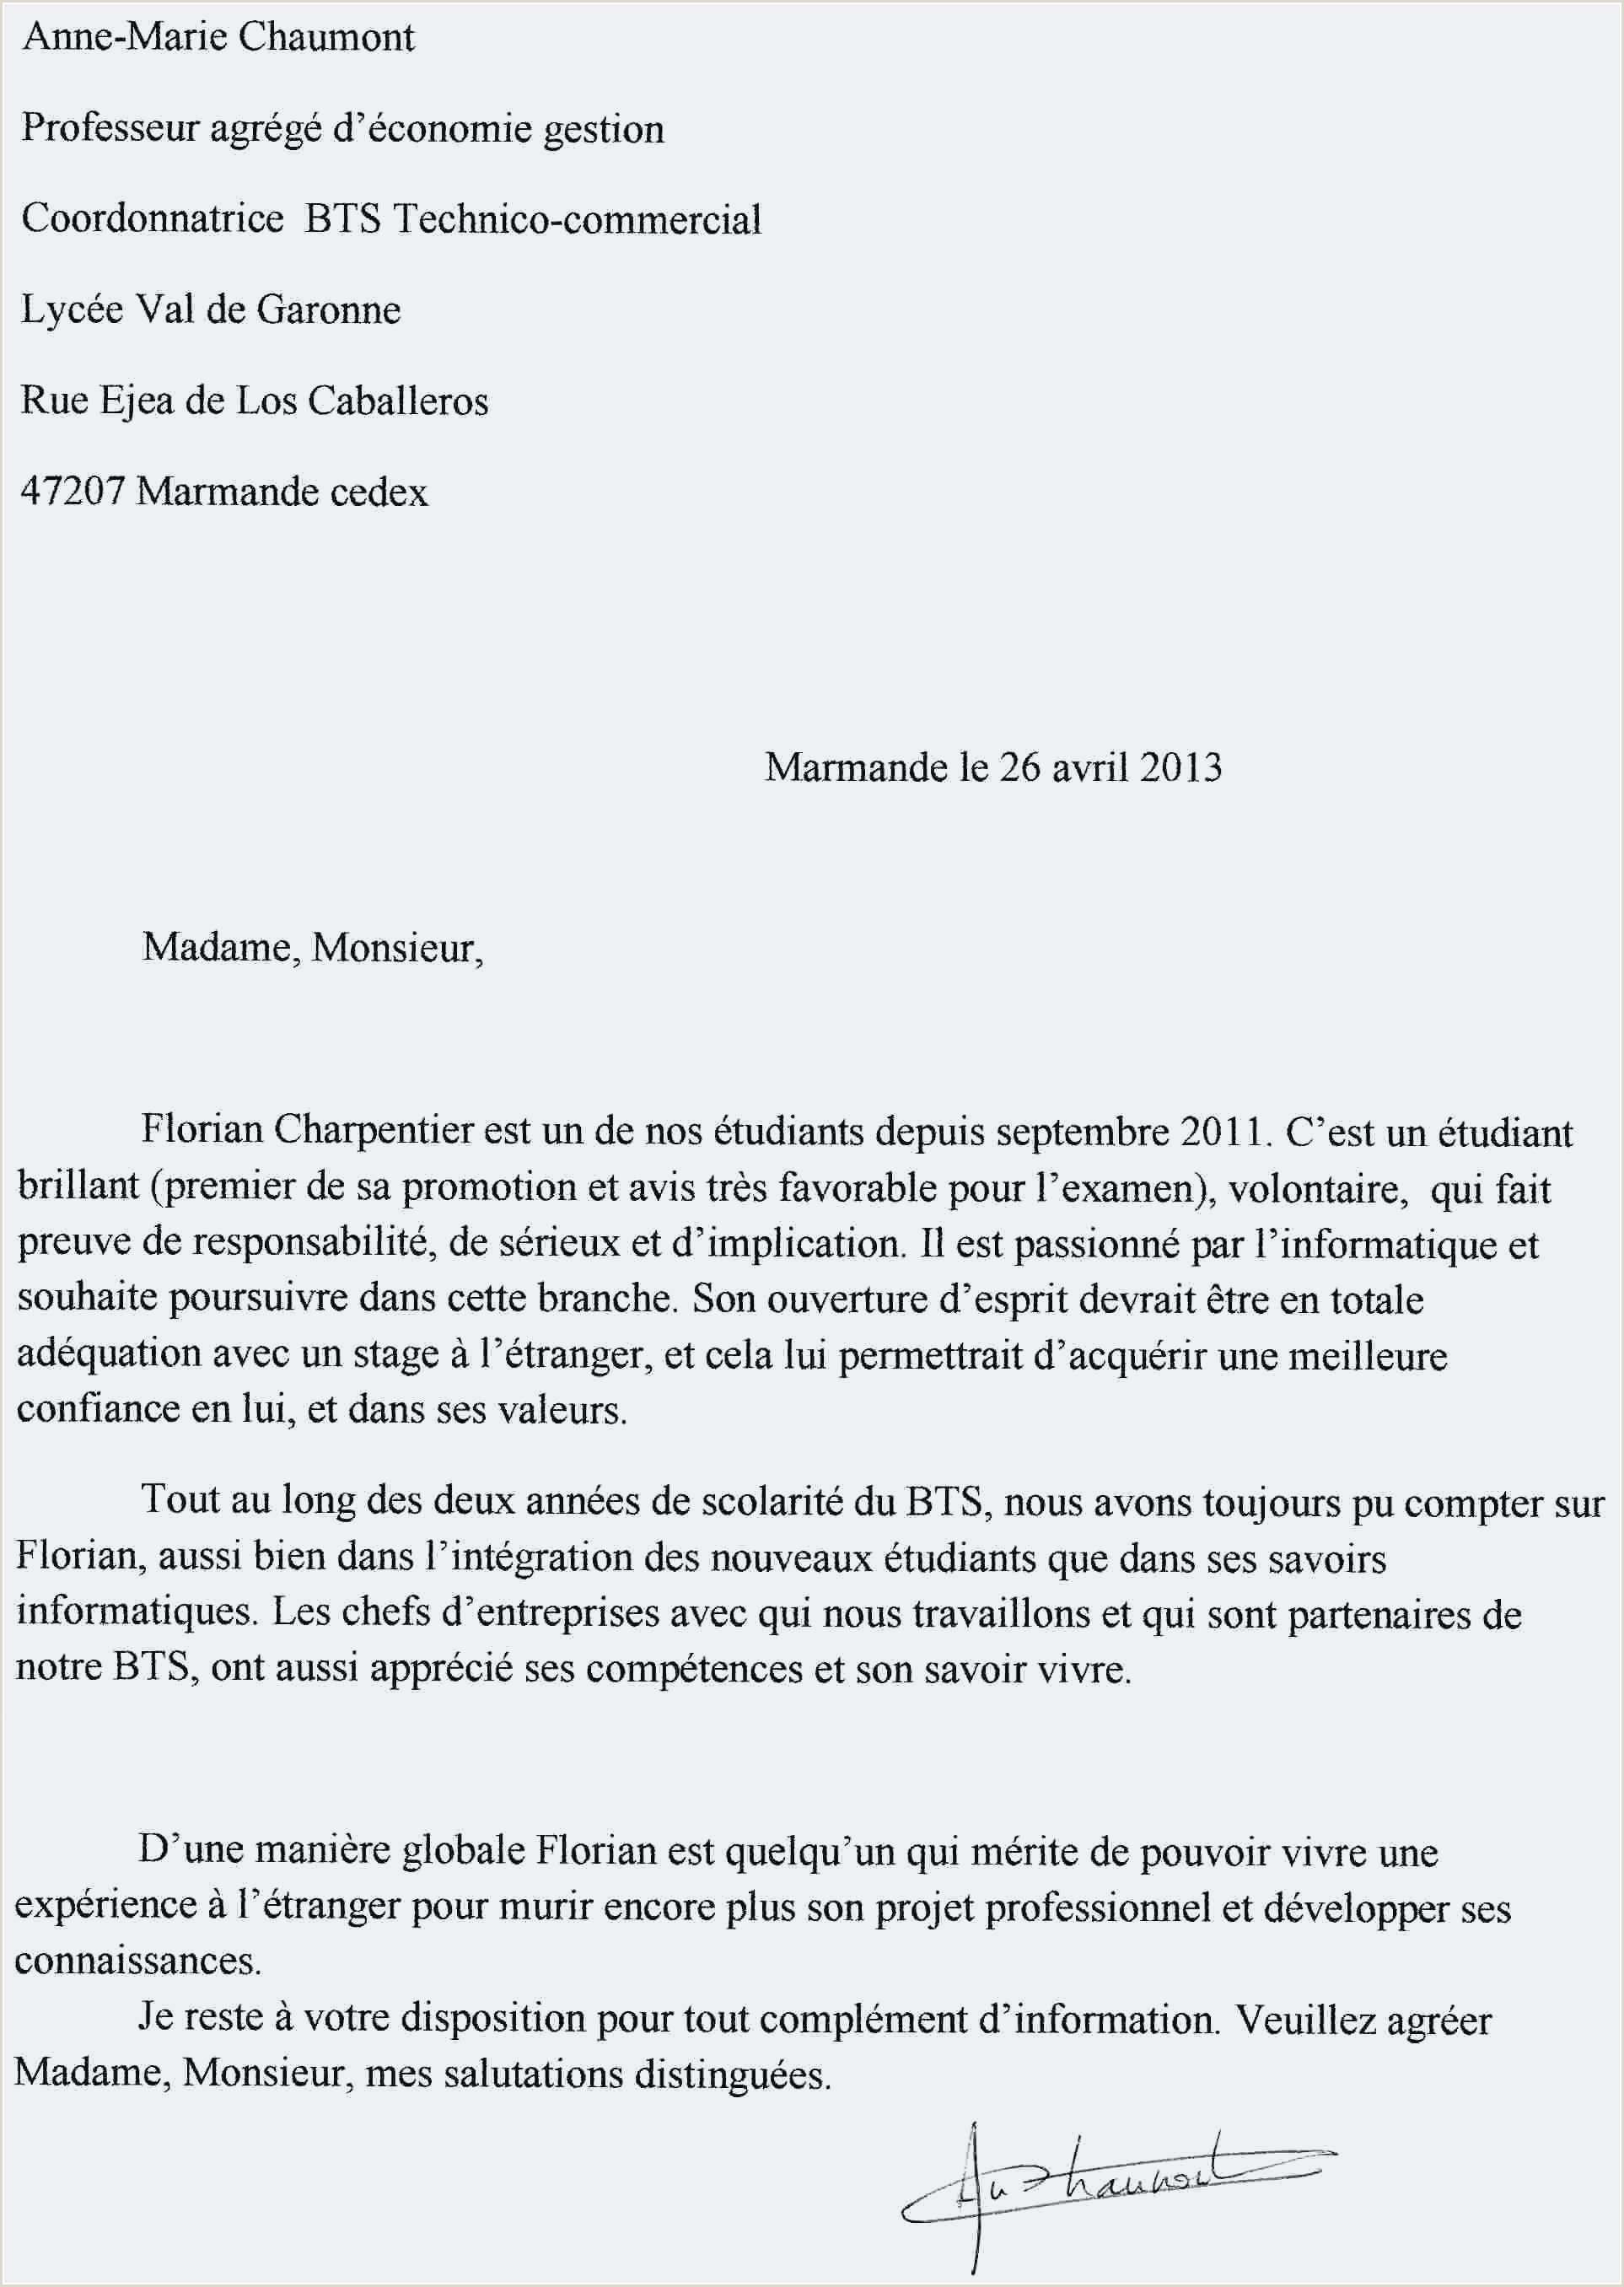 Nouveau Lettre De Motivation Pour Dut Gea Descartes Best